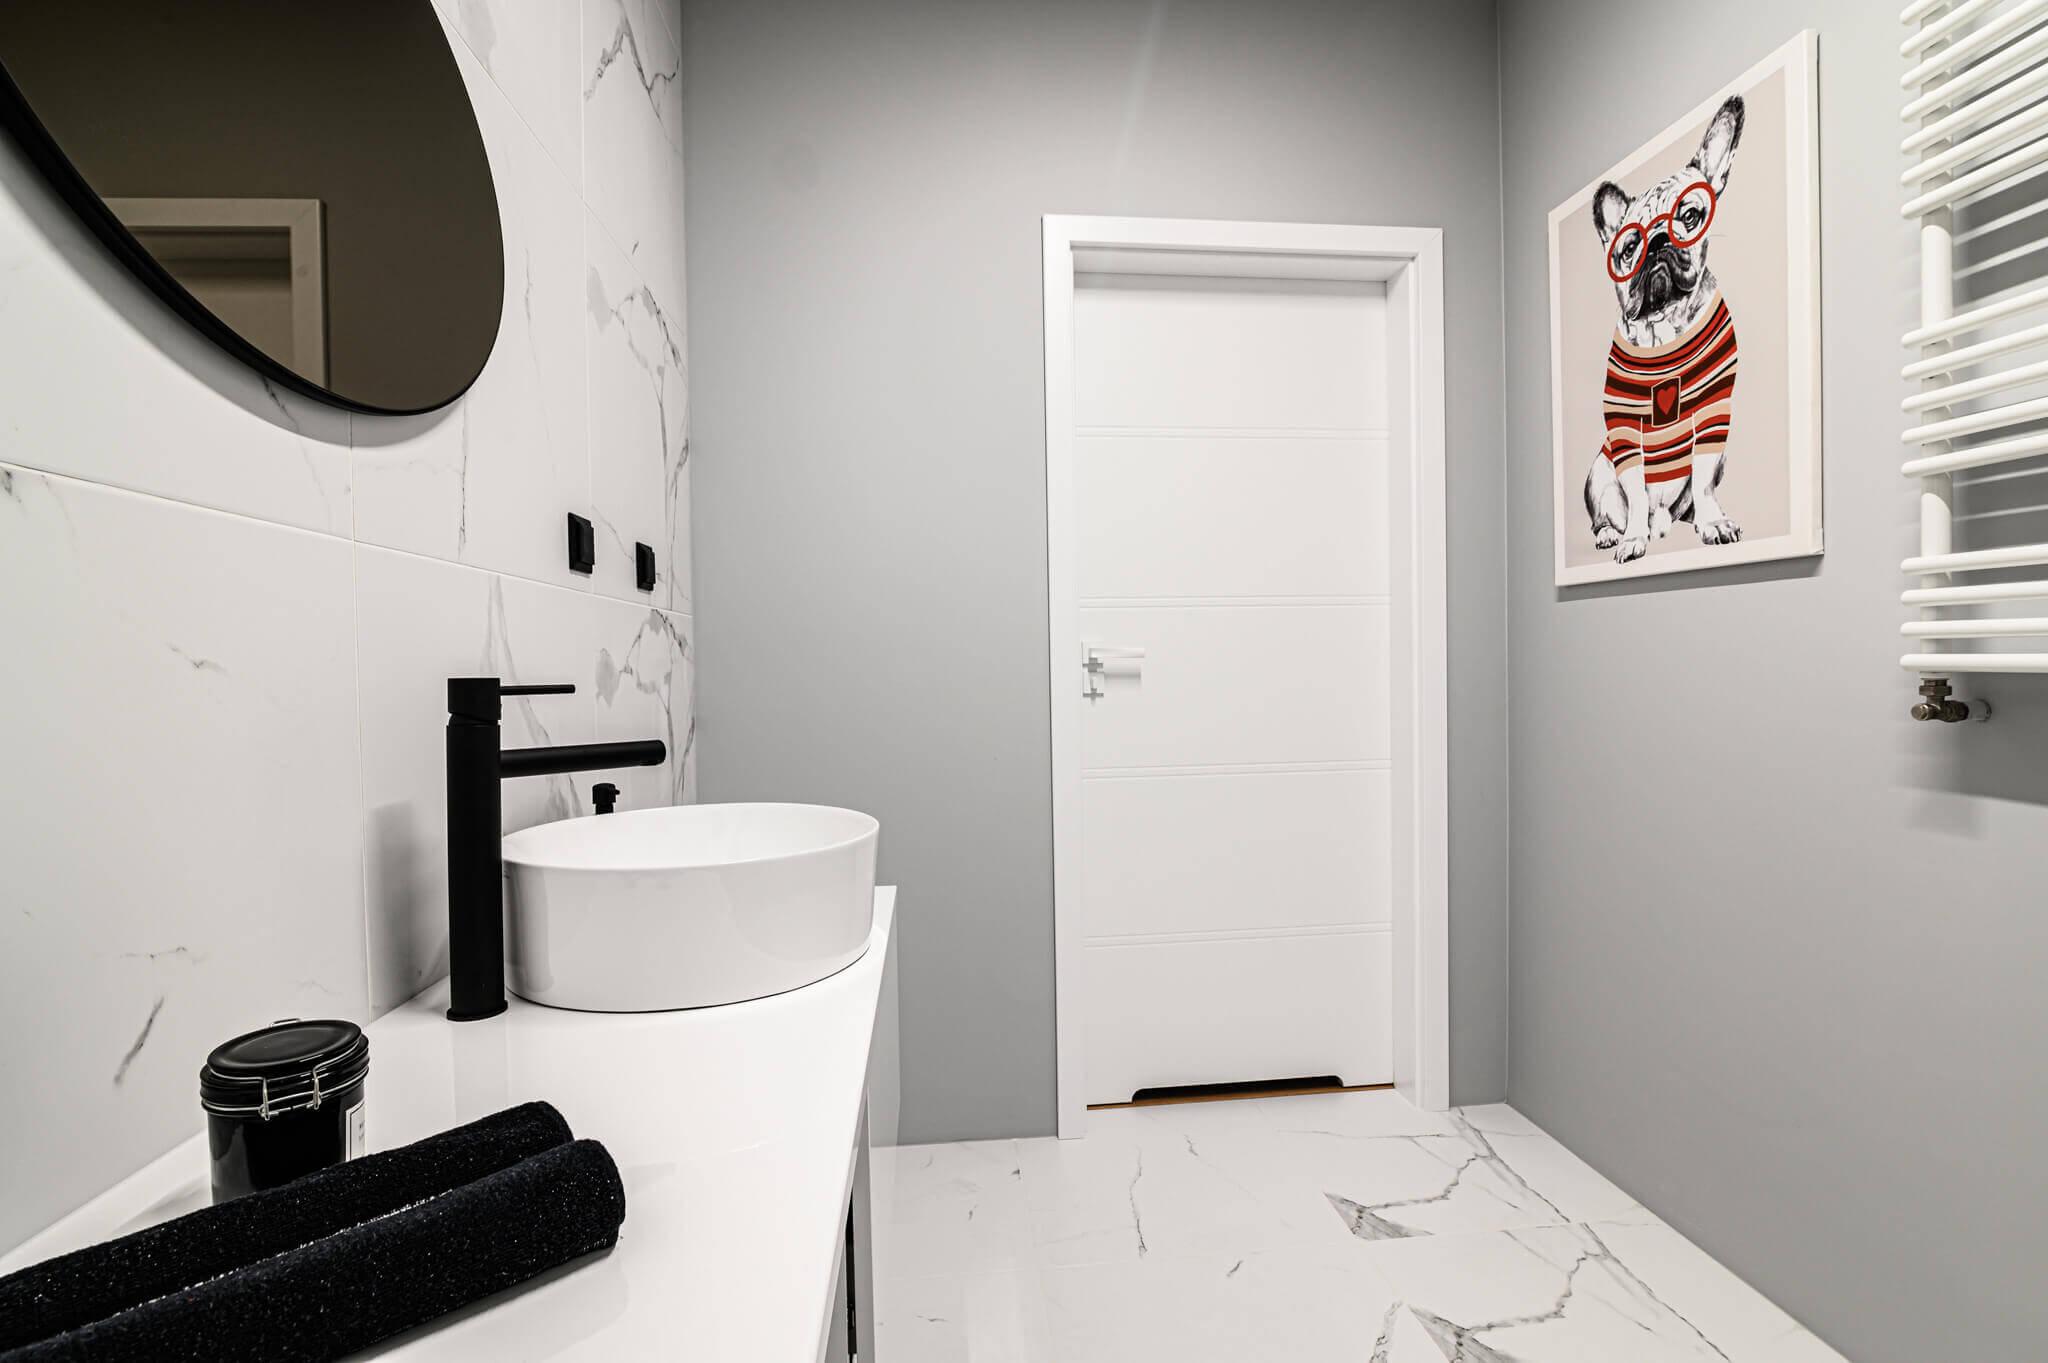 Home Designers - Wechta poznan , warszawska mniejsze mieszkanie 43 m08